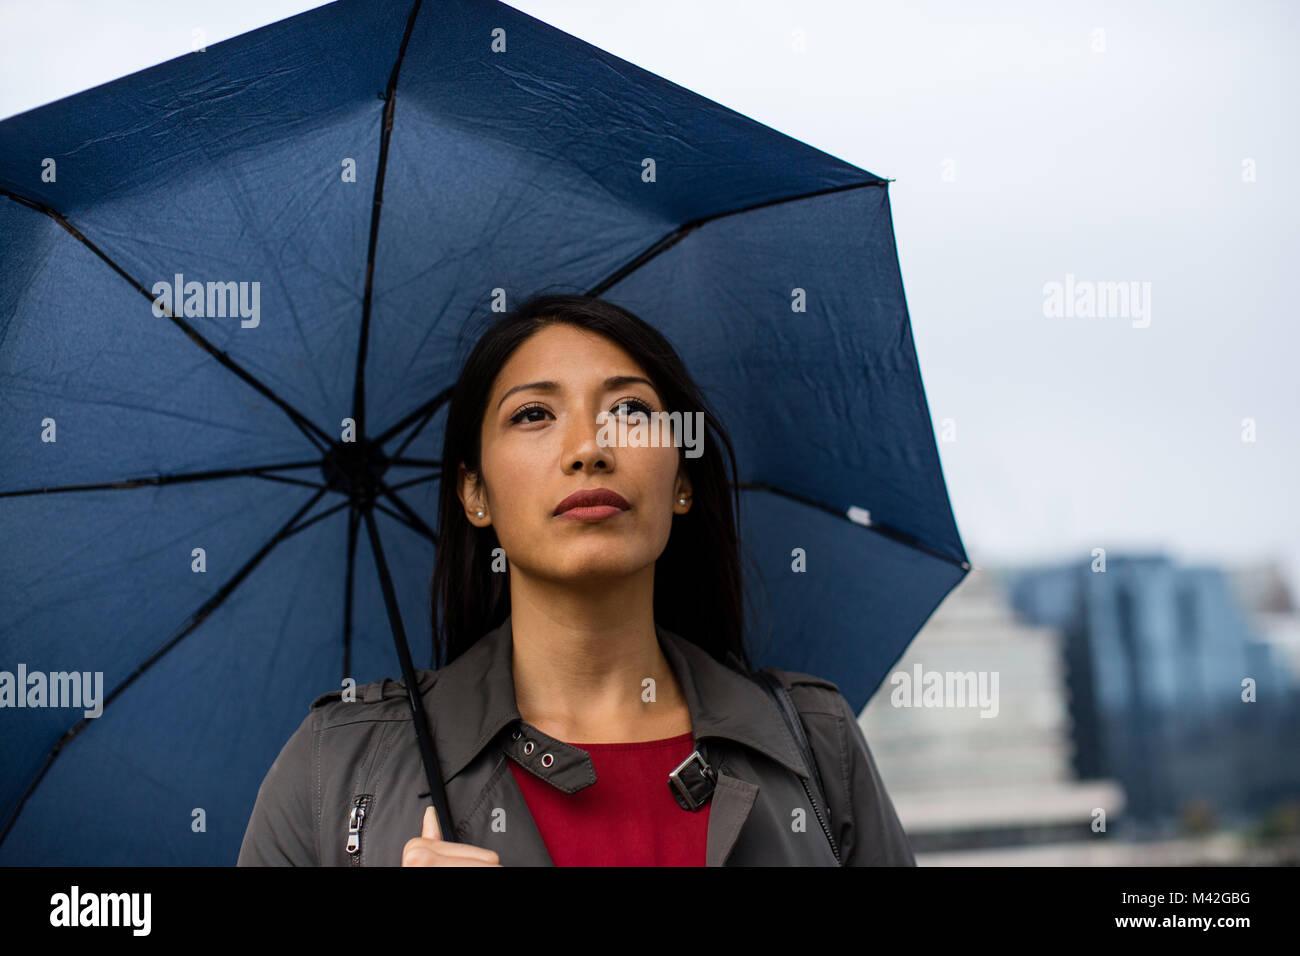 In der Stadt halten Regenschirm in schlechtem Wetter Geschäftsfrau Stockbild